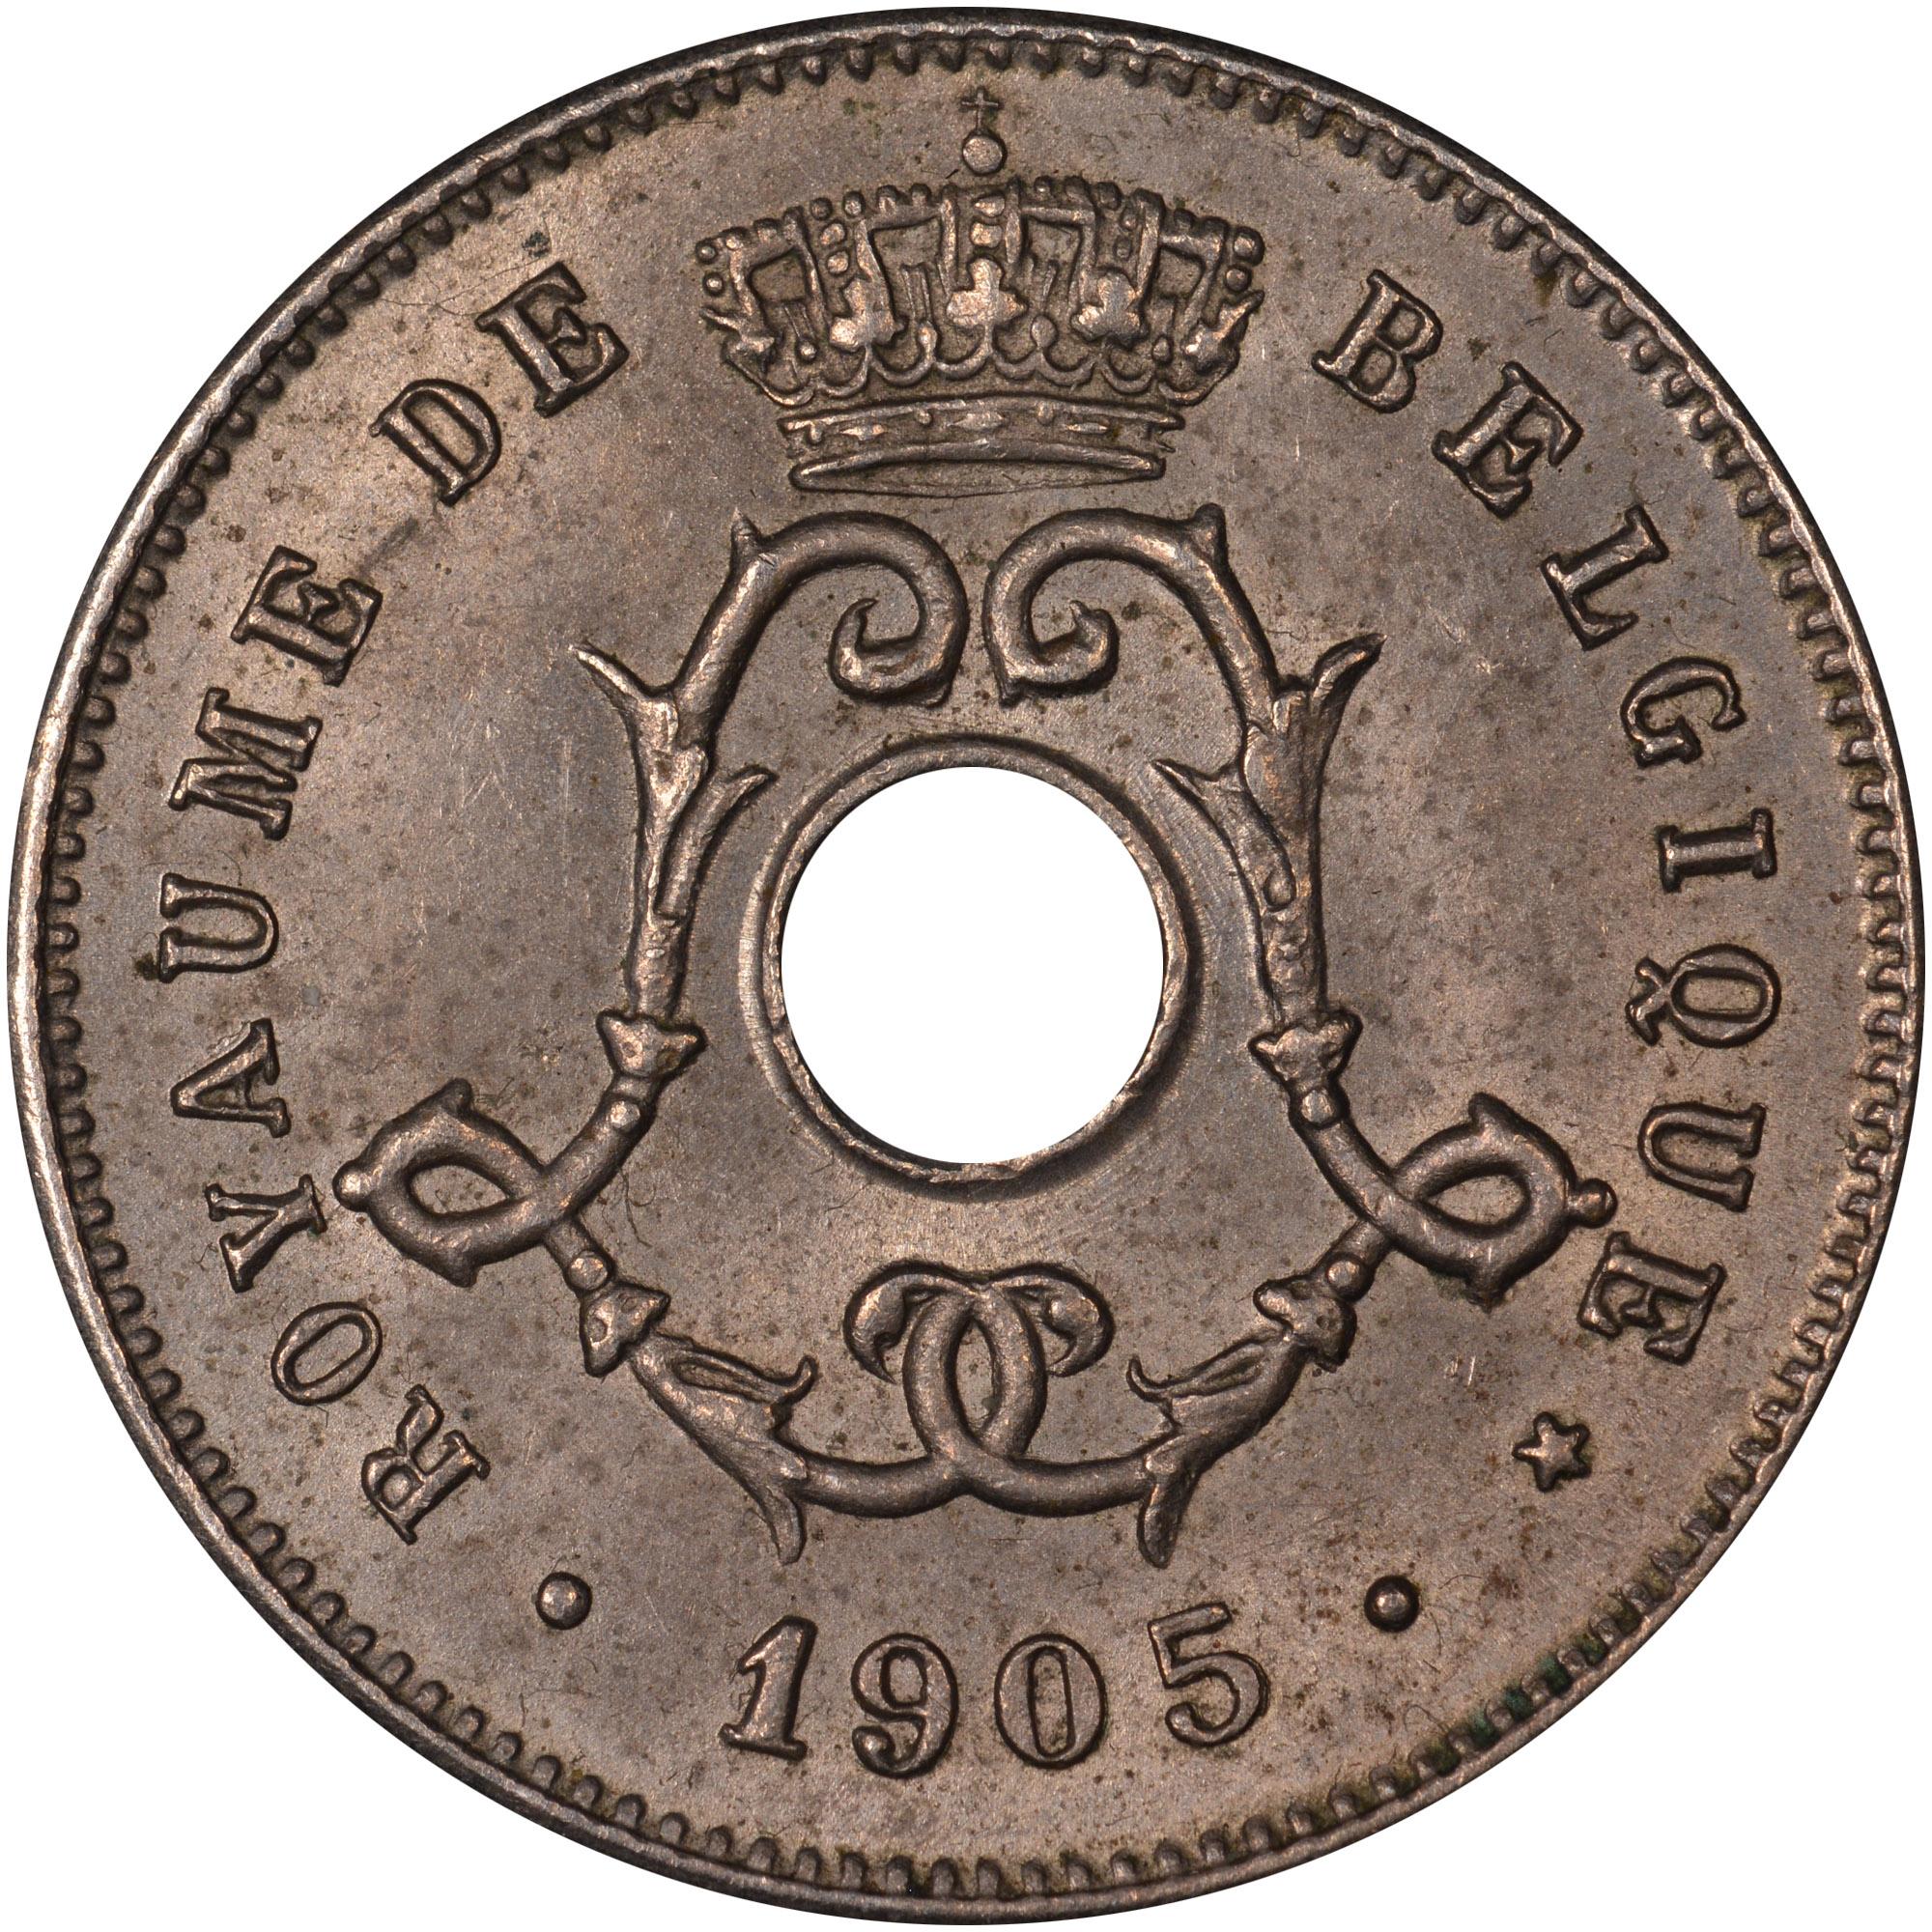 Belgium 5 Centimes obverse